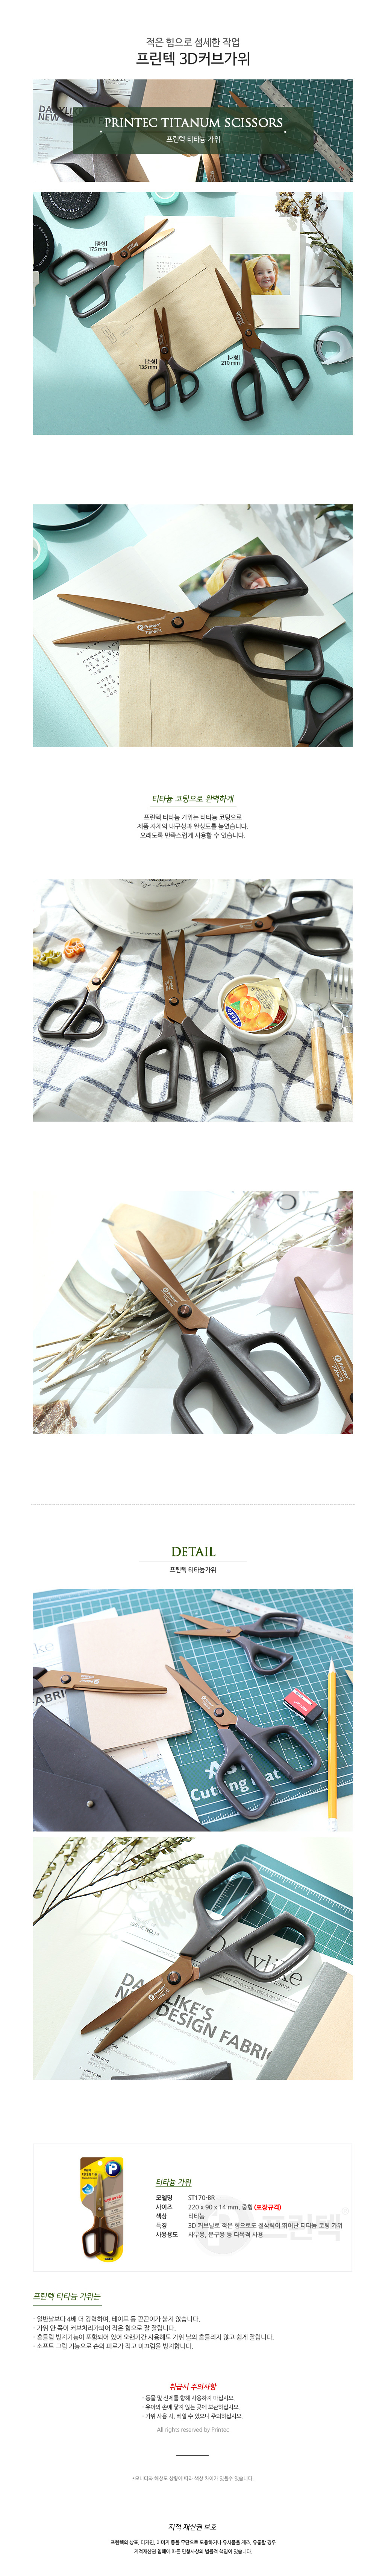 scissors_ST170-BR_detail.jpg